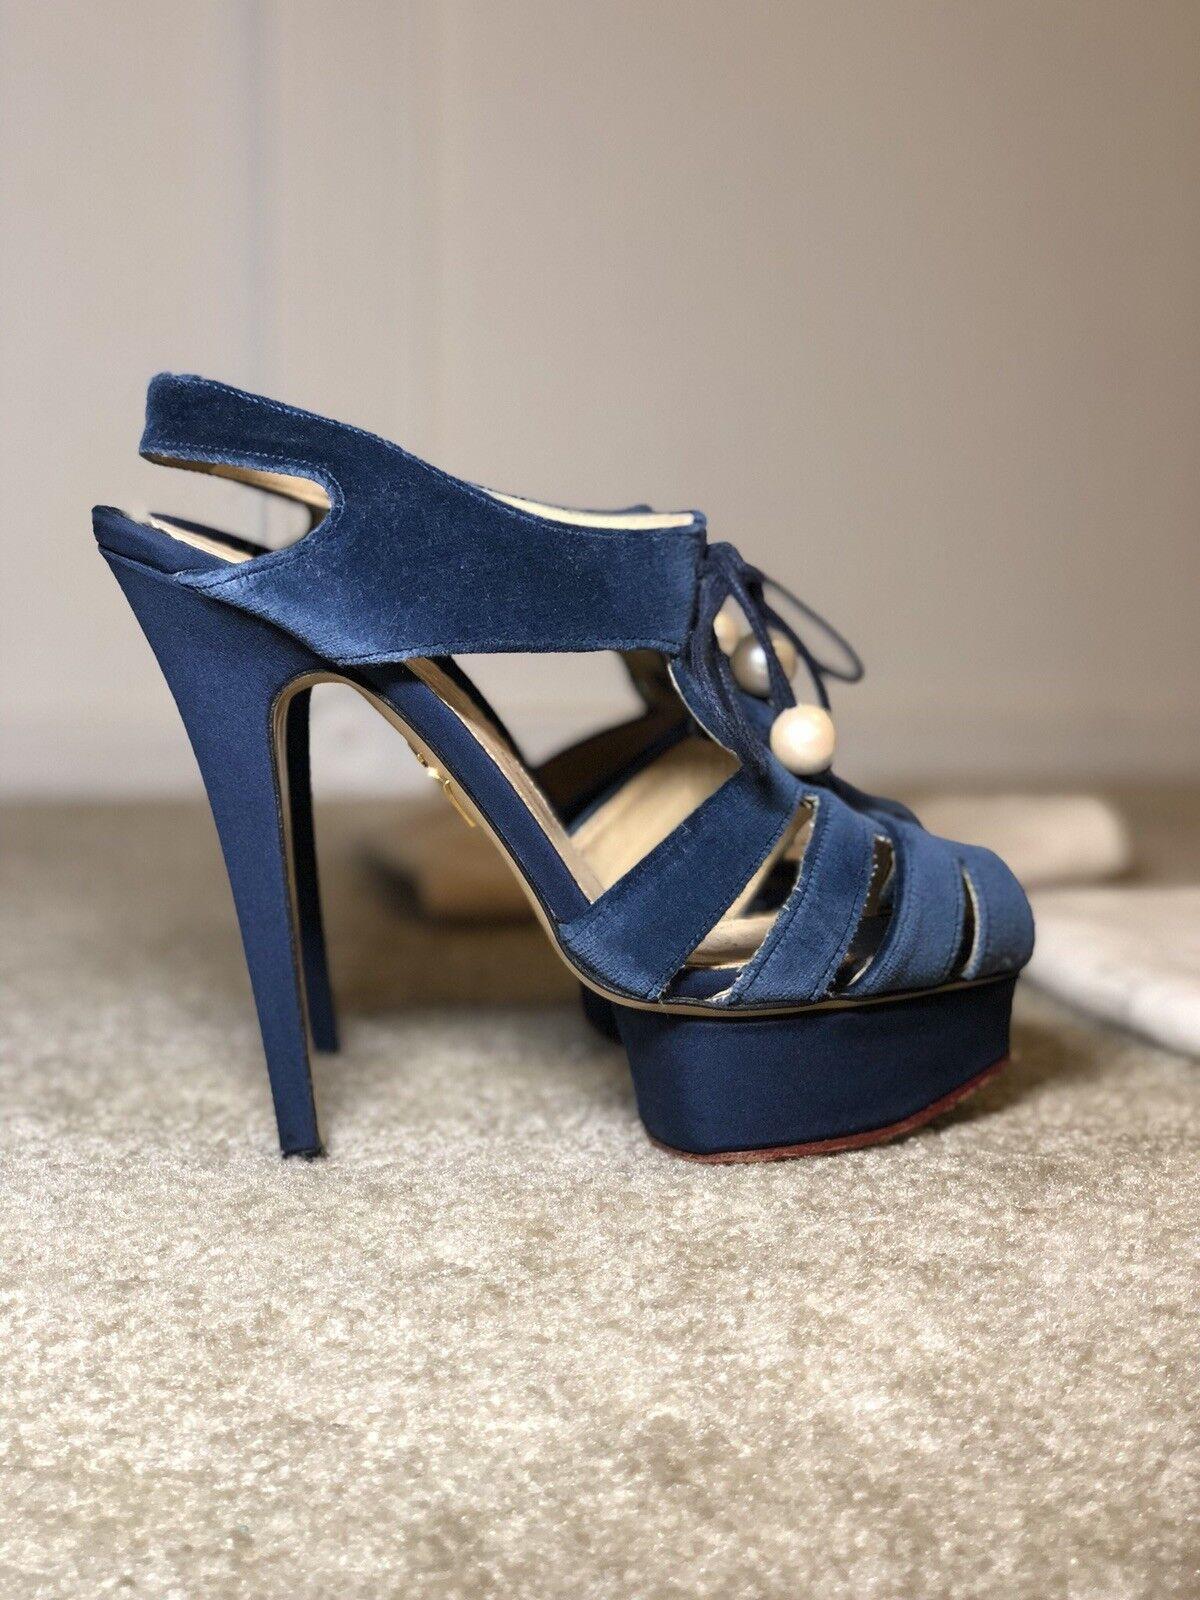 Charles Olympia  38.5 Scarpe blu con Perle  elementi di novità